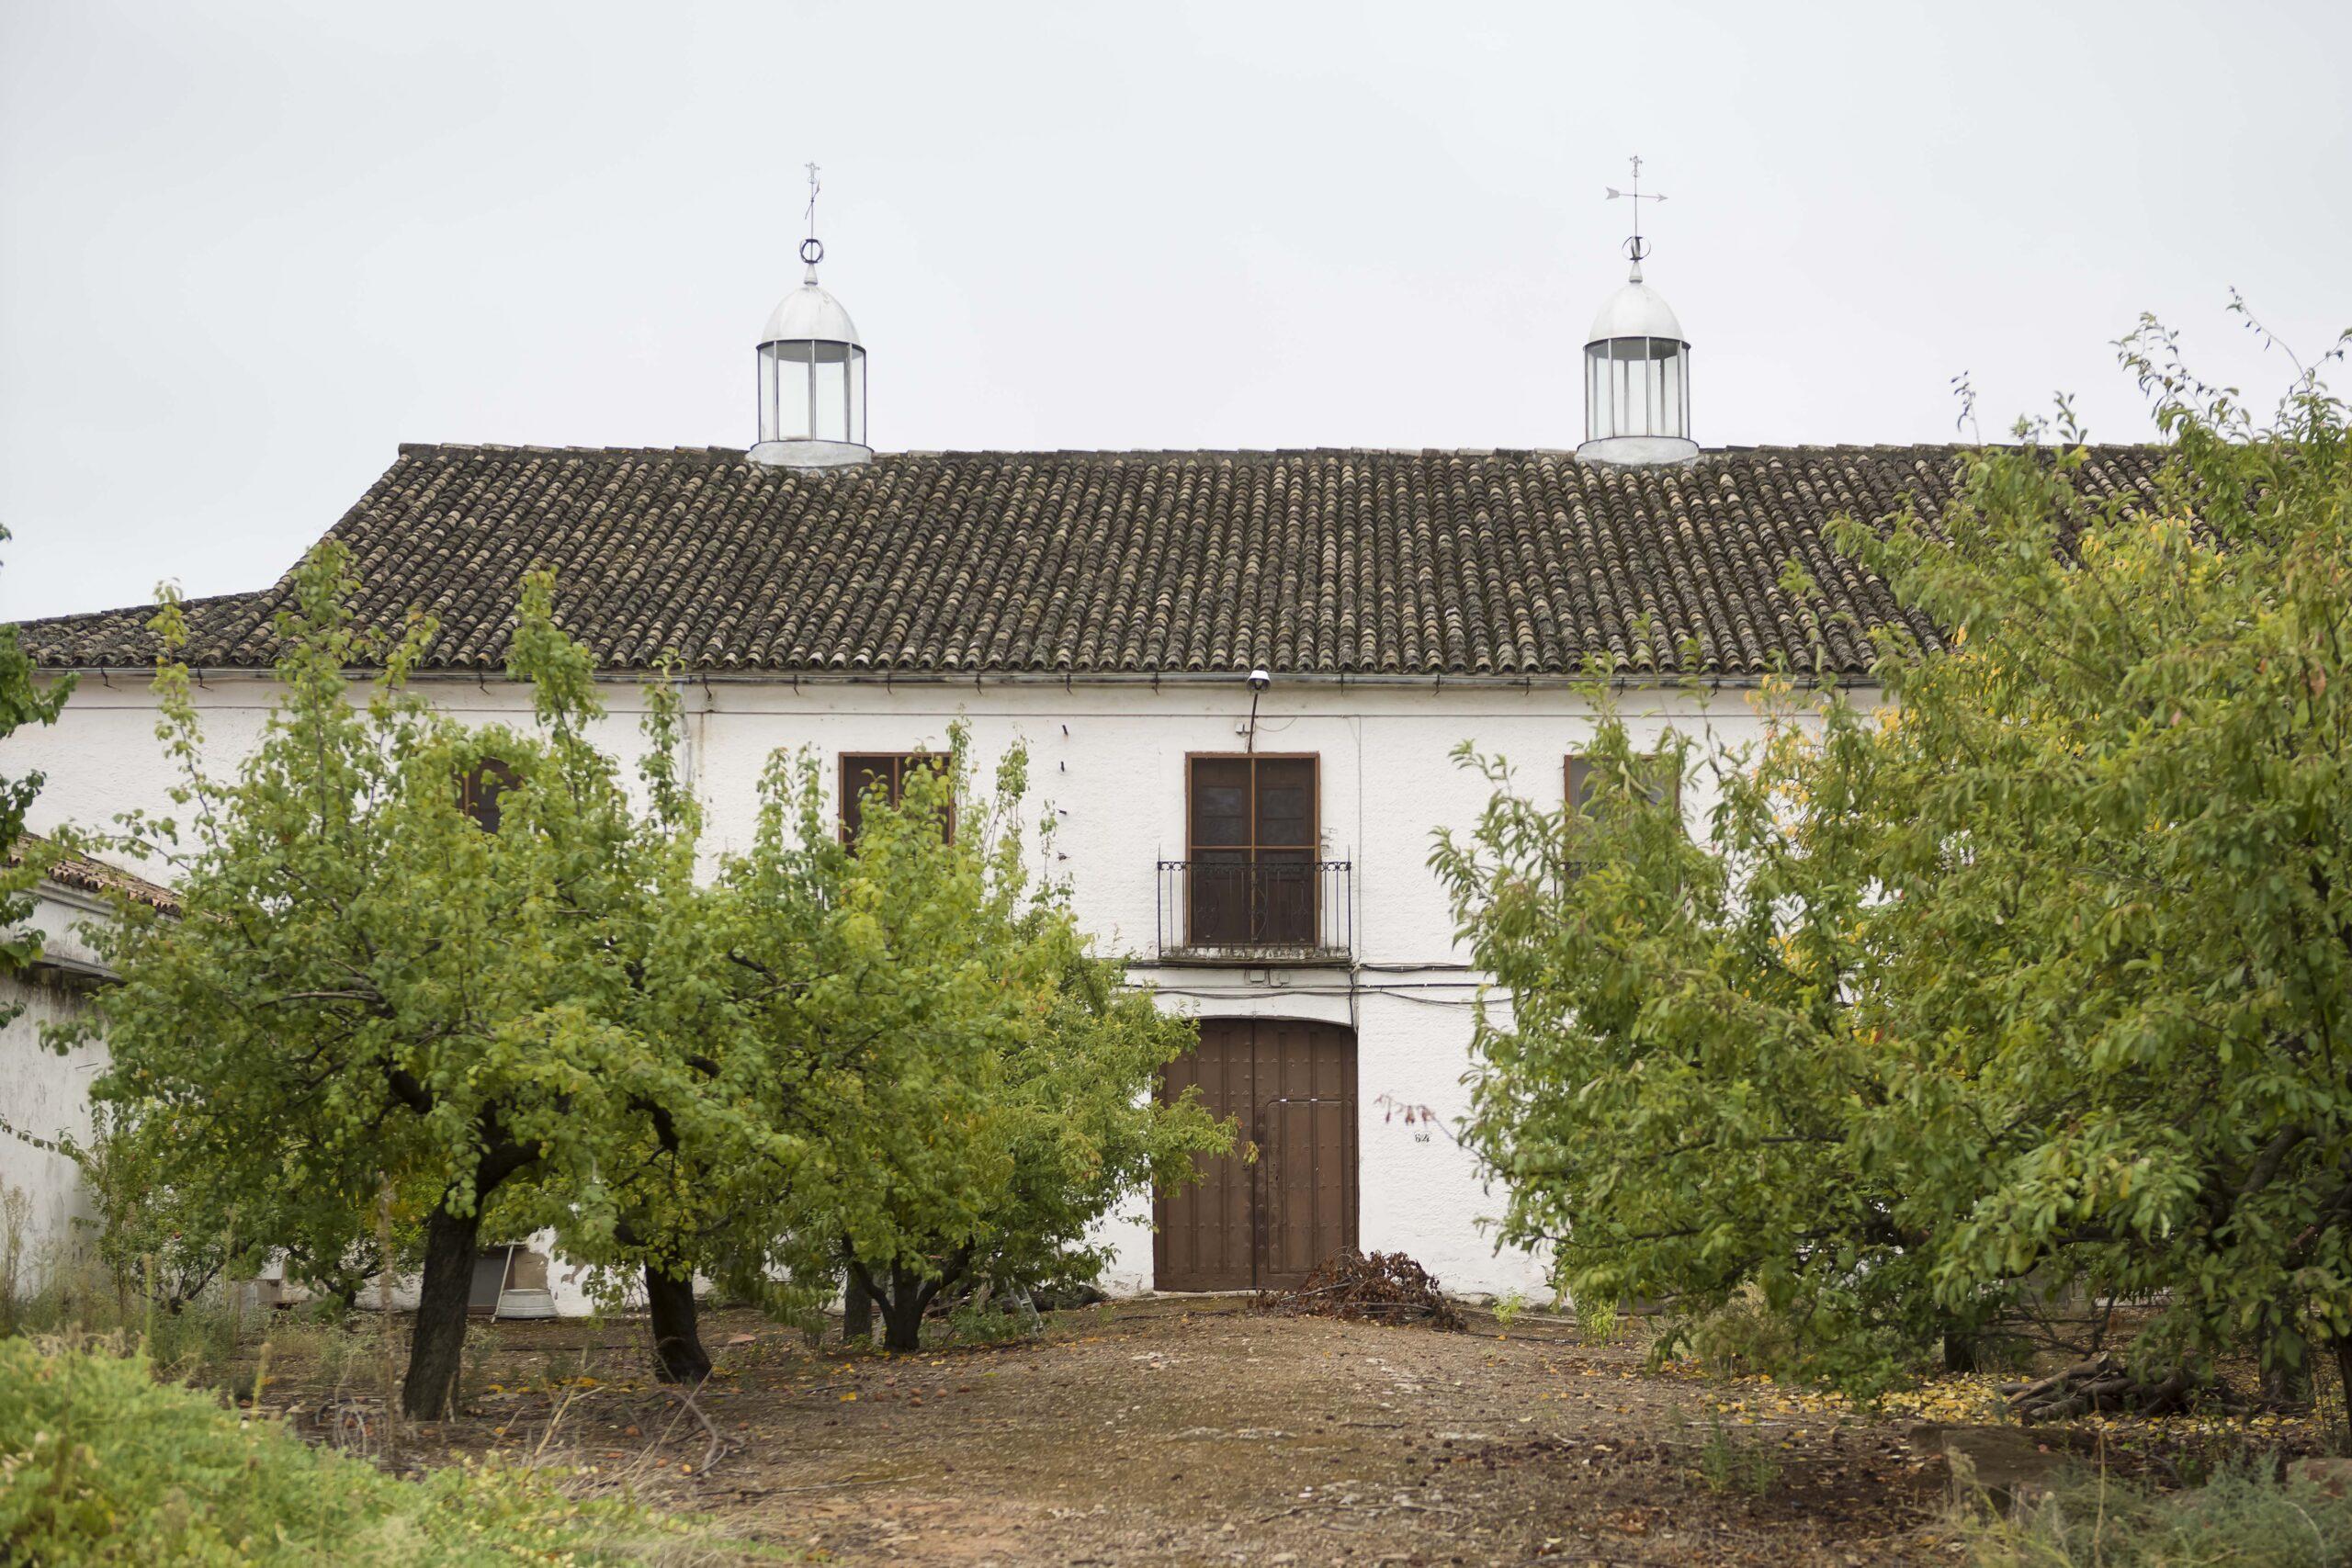 Hacienda Vadolivo© Sierra de Cazorla oleoturismo Baltasar López Cuadra